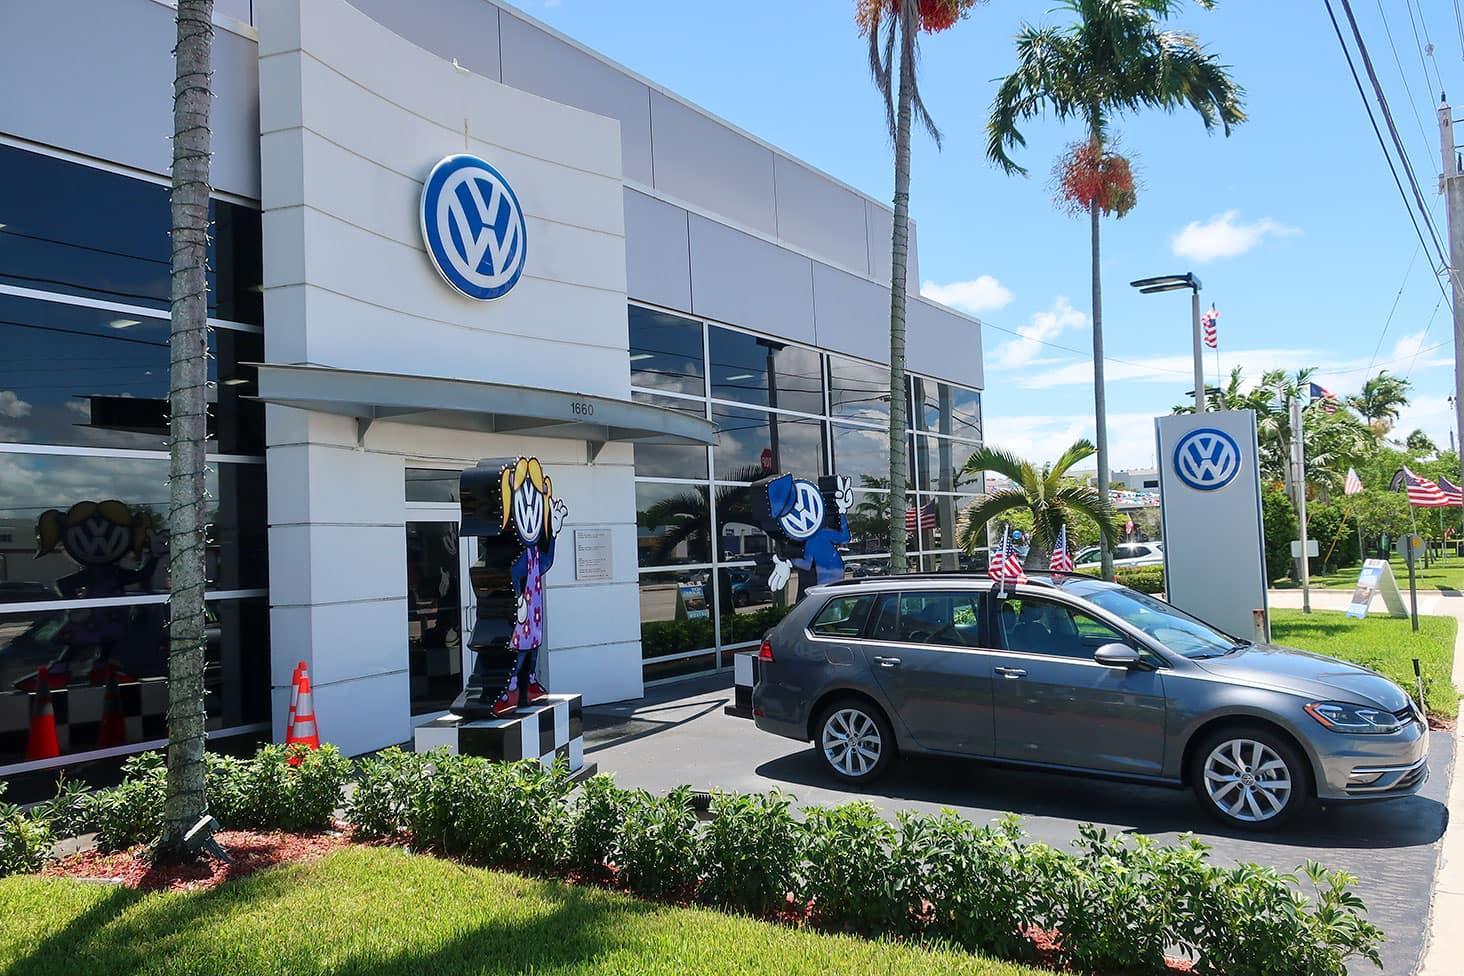 Gunther Volkswagen Fort Lauderdale exterior.